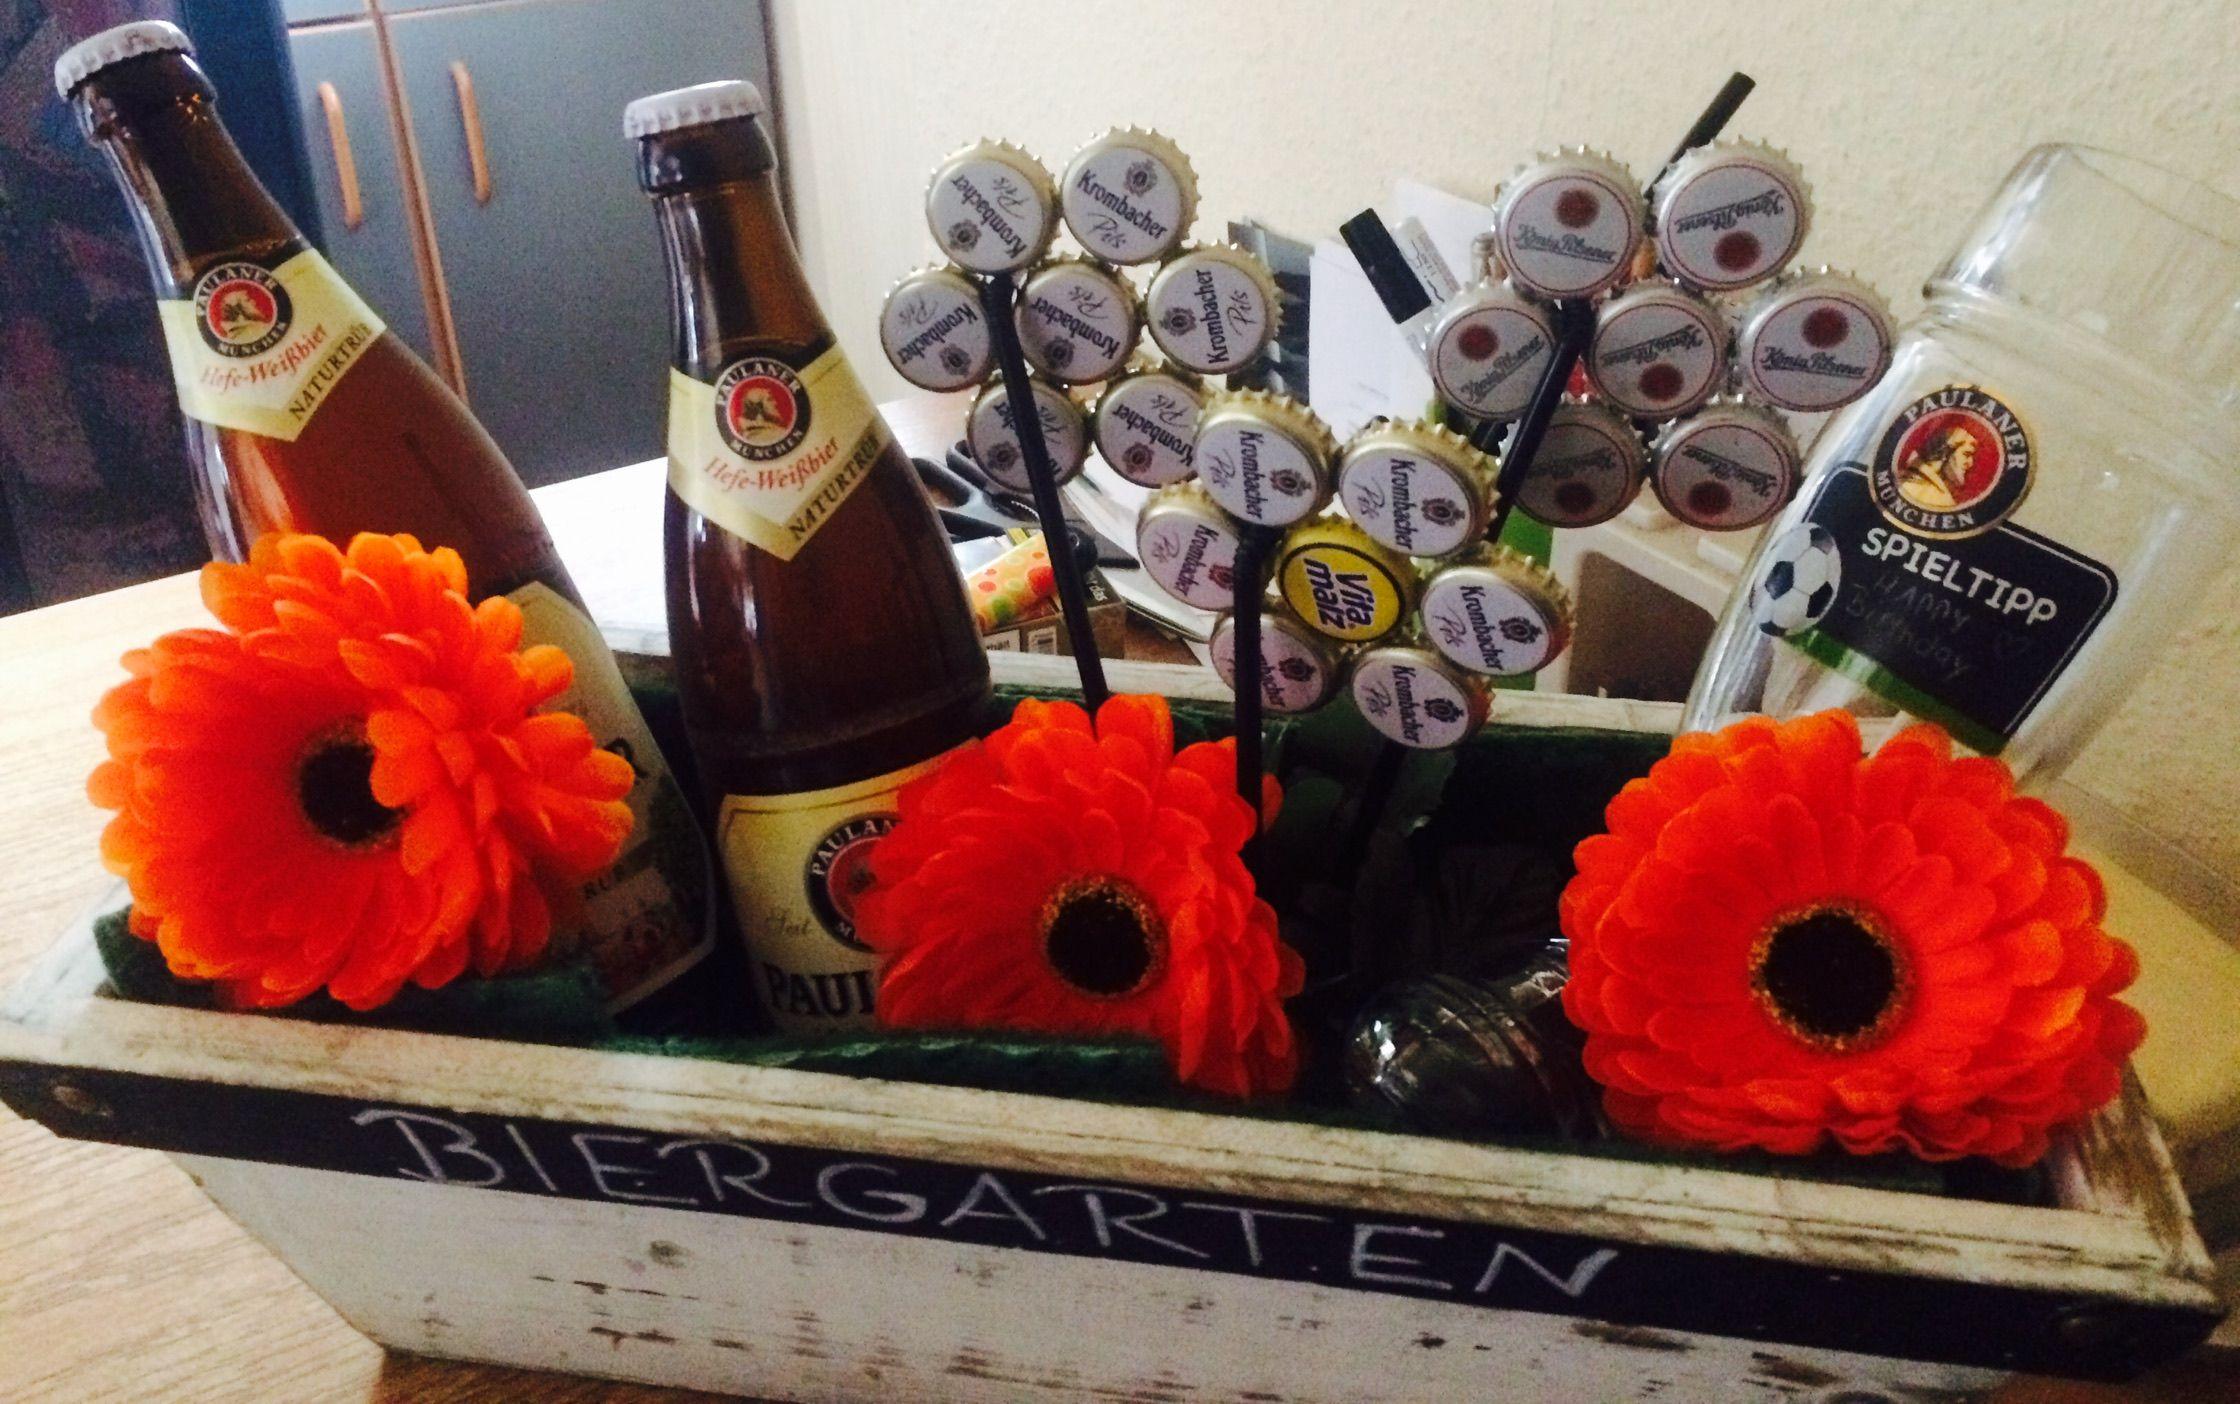 Biergarten man ben tigt bier kronkorken strohhalme blumentopf sekundenkleber kunstblumen - Kunstrasen zum basteln ...